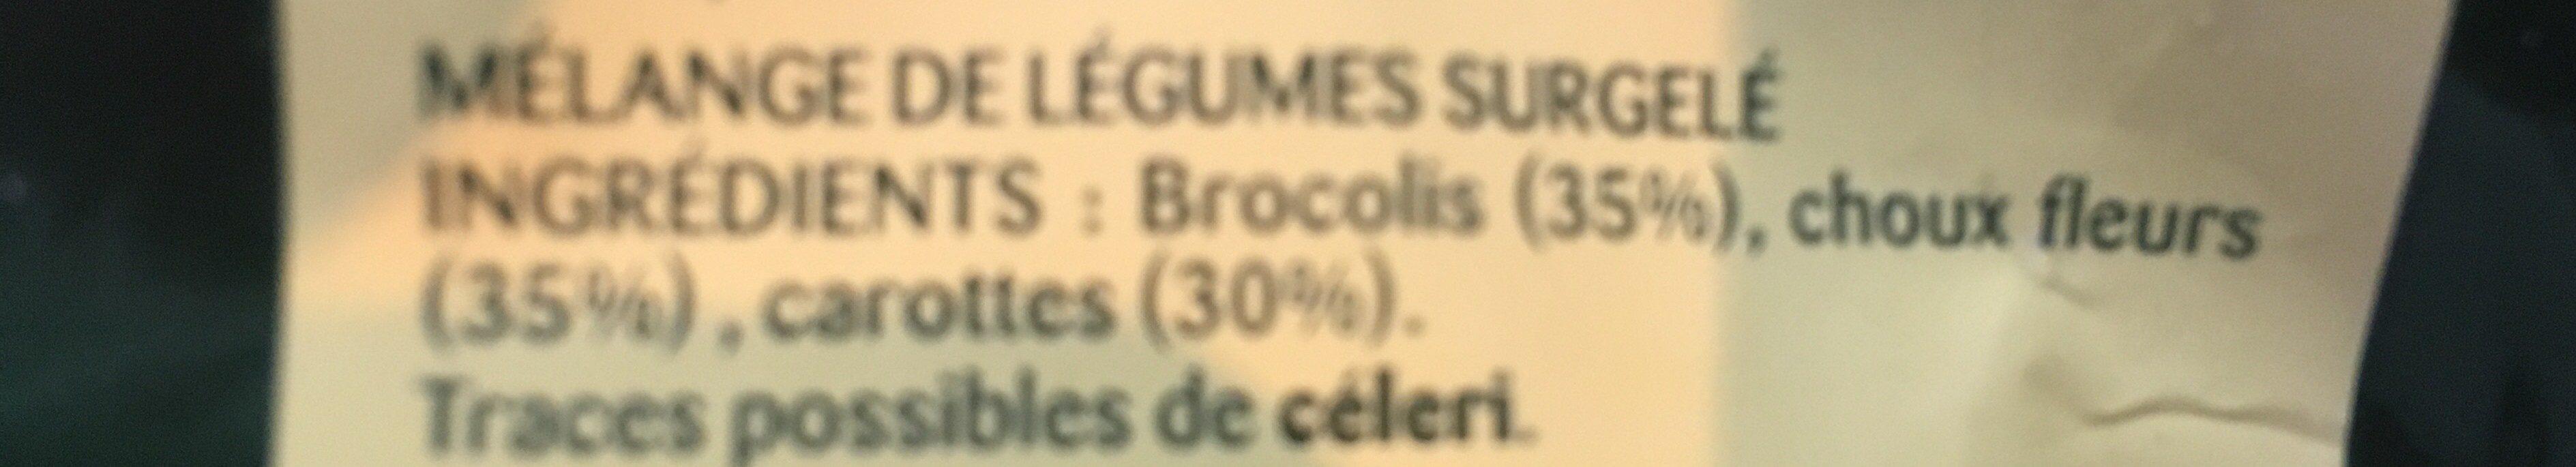 Les 3 Légumes (Choux Fleurs - Carottes - Brocolis) - Ingrédients - fr